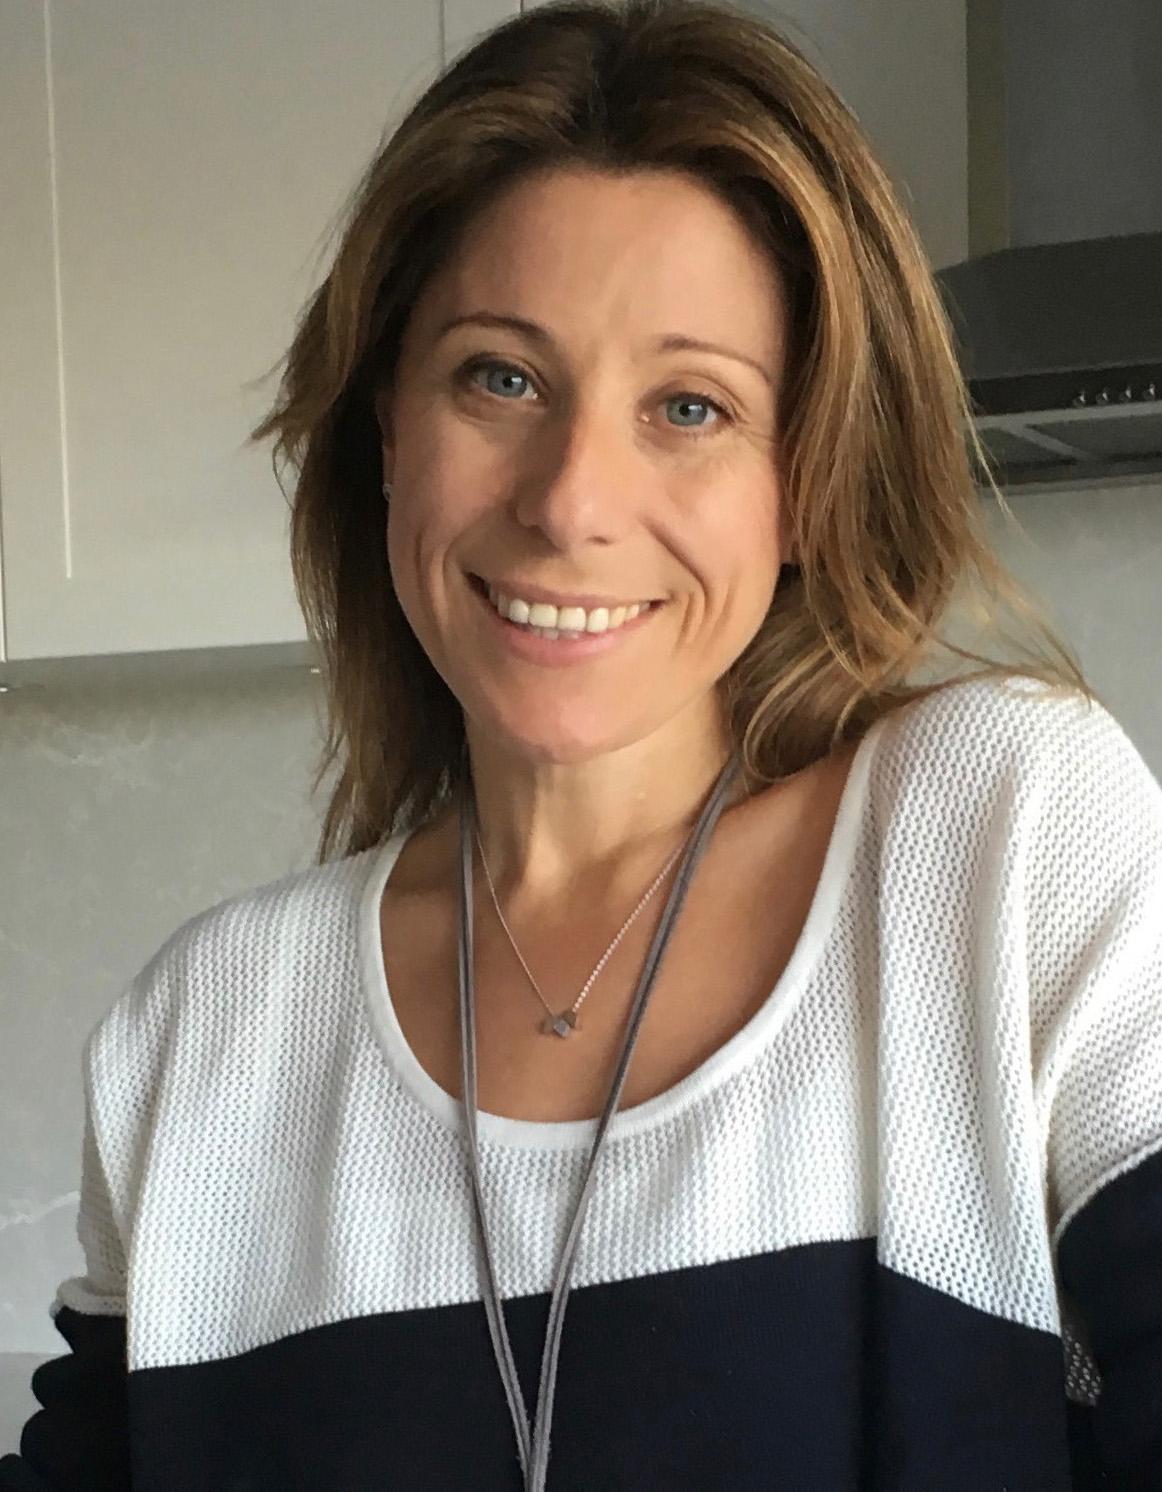 Agnesa Simcic